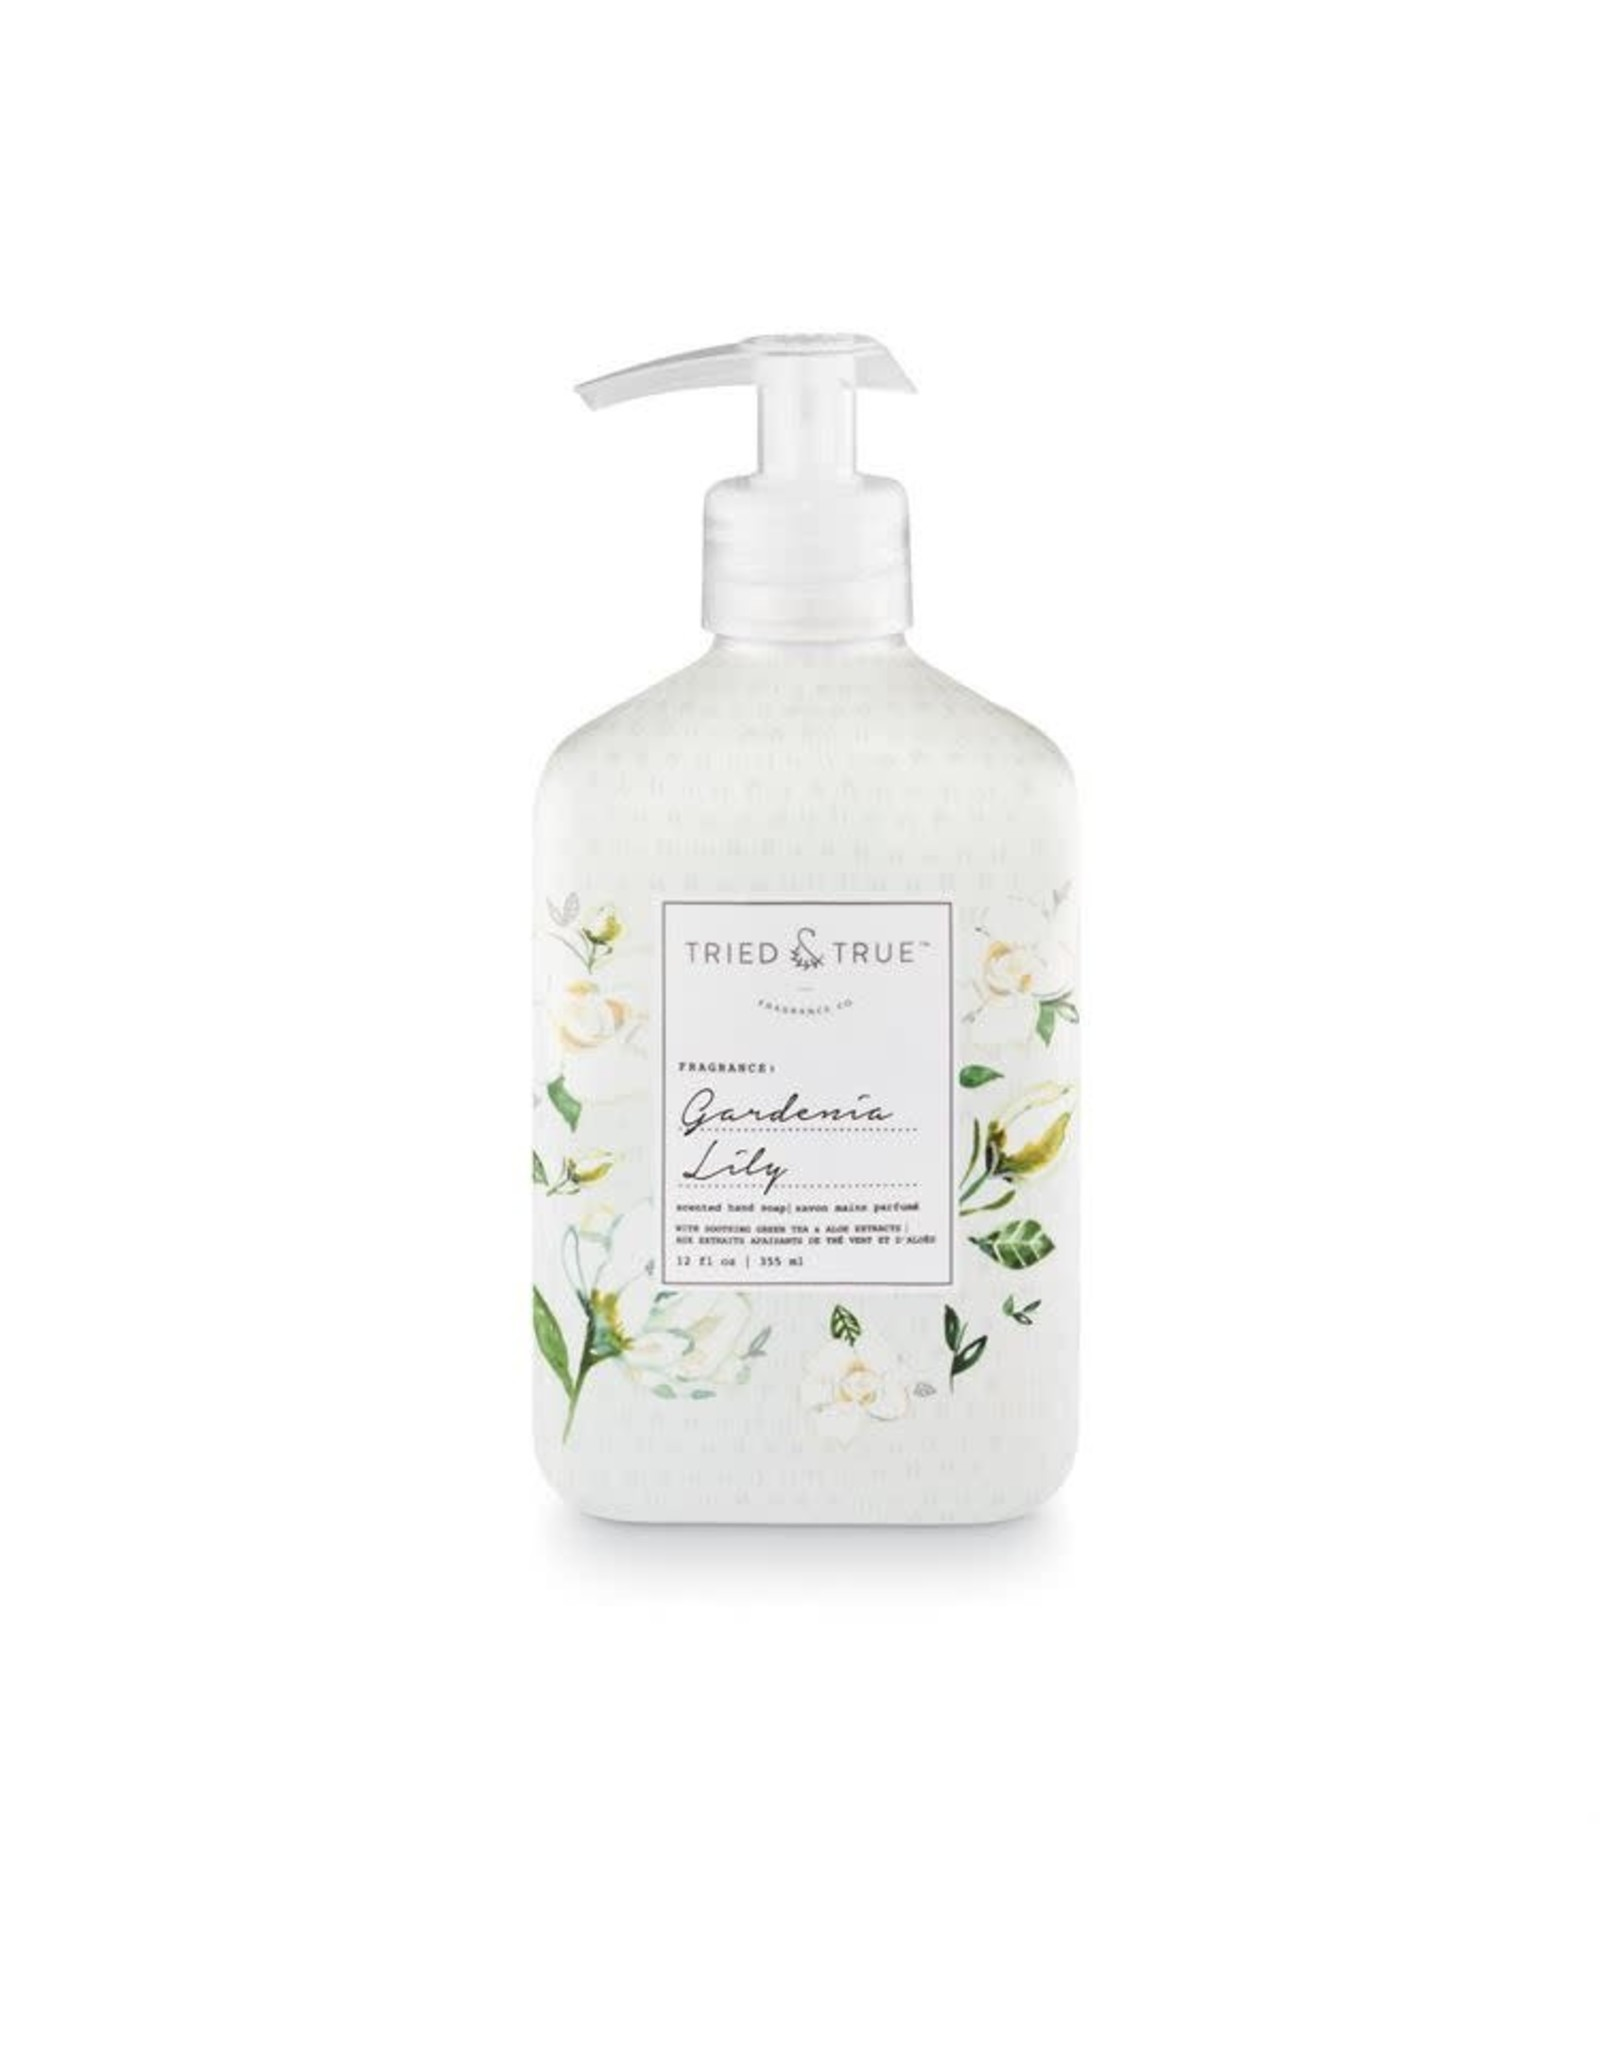 Tried & True 12 oz Hand Wash - Gardenia Lily